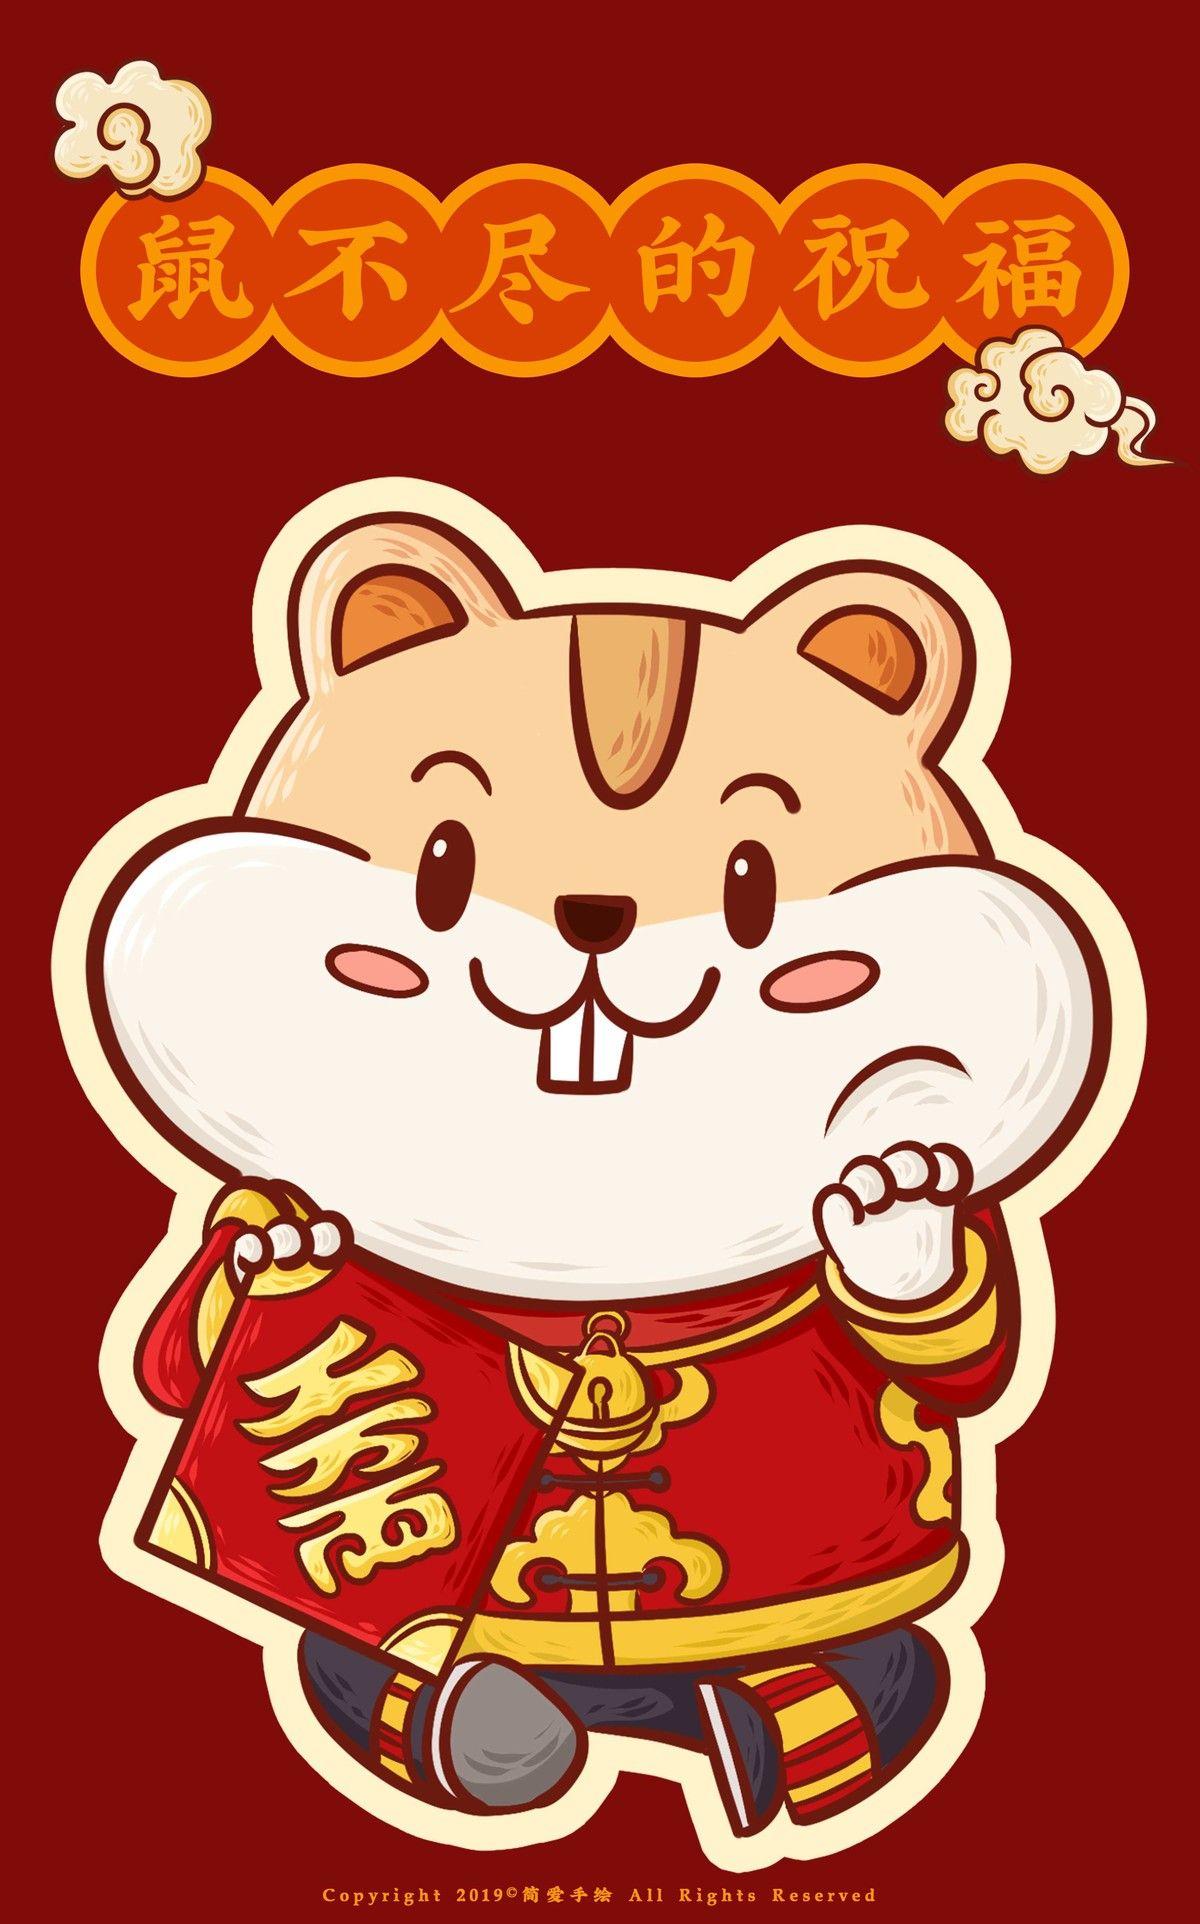 鼠年鼠不尽的祝福插画~_简爱手绘__插画师作品_涂鸦王国gracg.com | Kawaii doodles ...